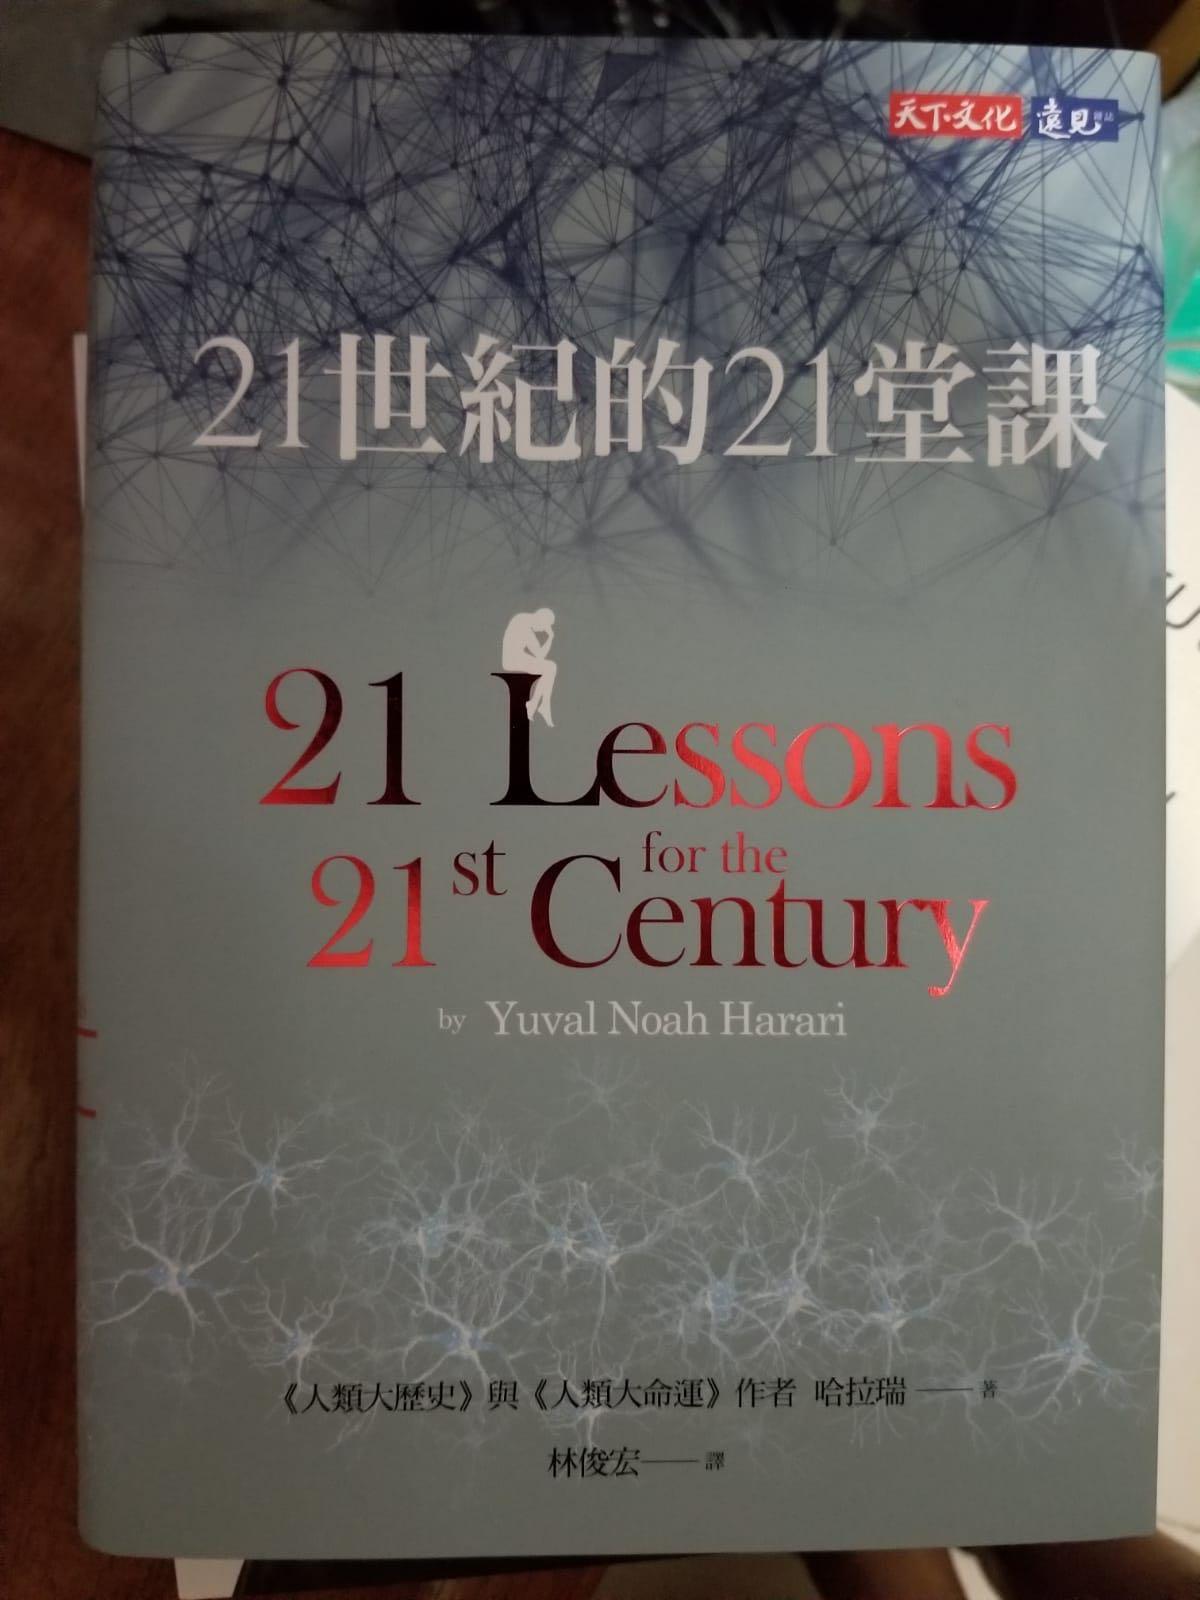 21世紀的21堂課(博客來獨家書套版), 書本 & 文具, 小說 & 故事書 - Carousell